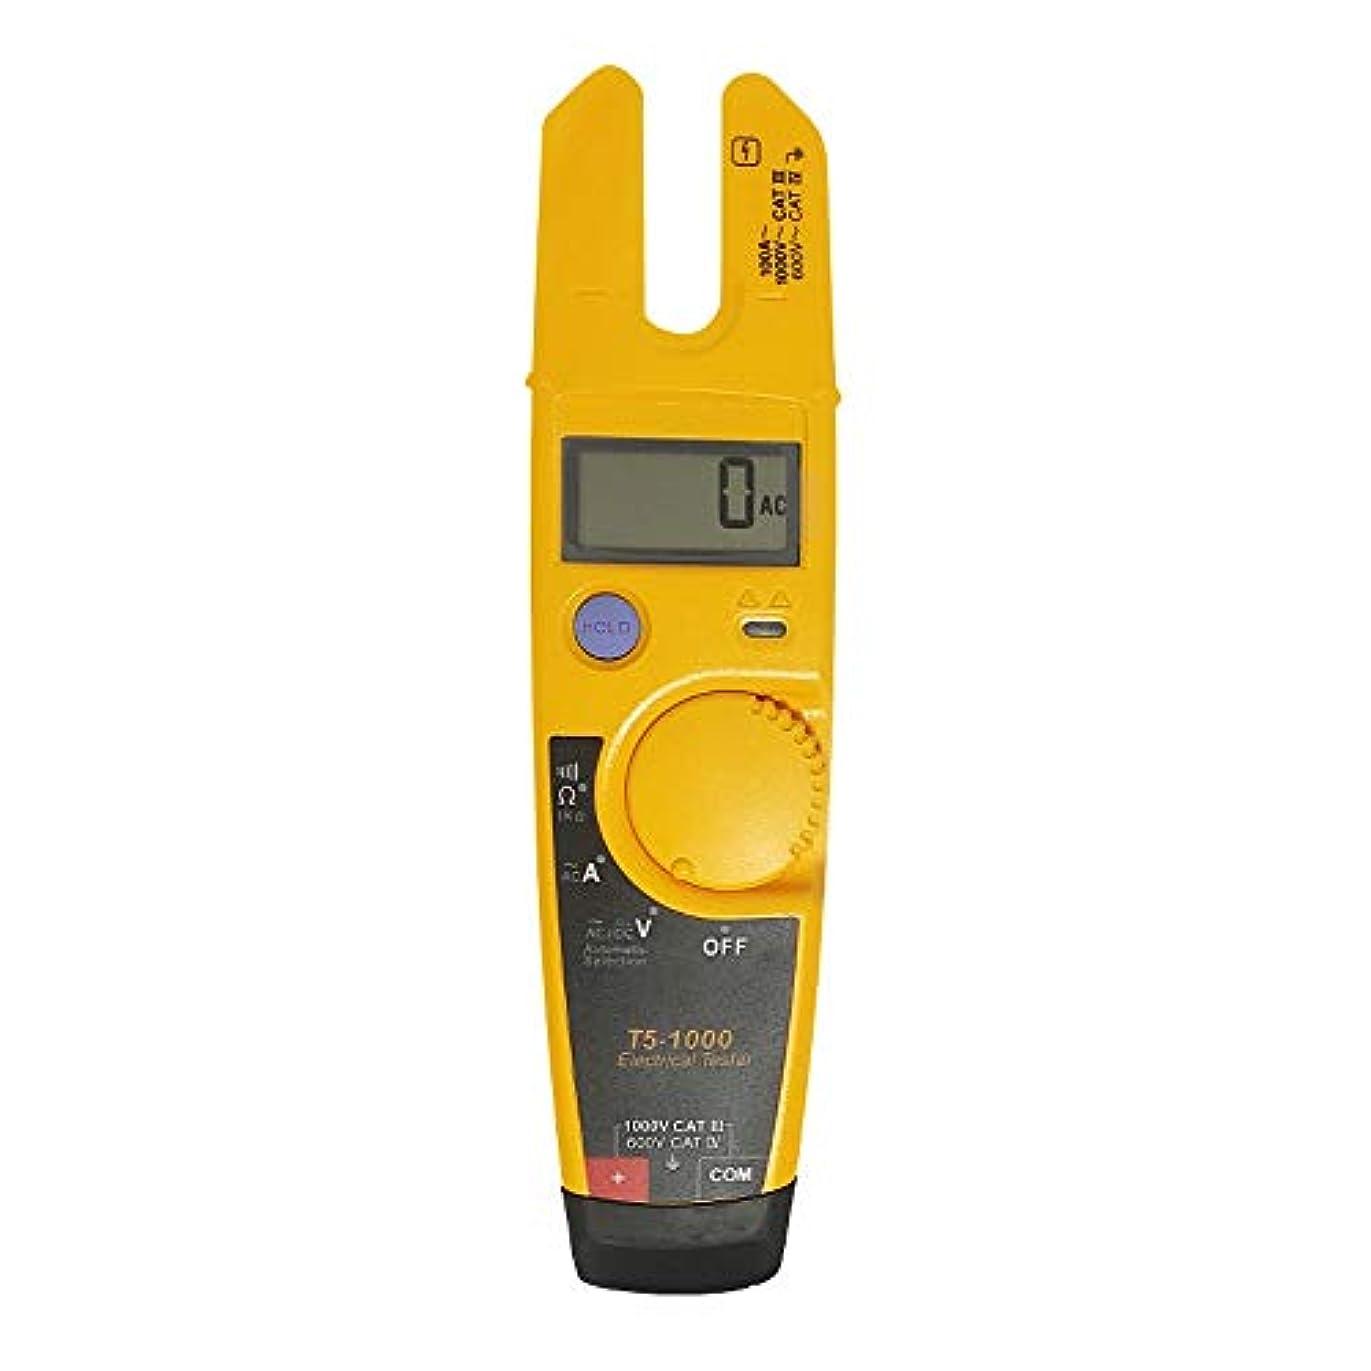 一部今まで手首BTXXYJP Labloot ソフトケース付き T5-600 クランプメーター 電圧 連続電流 クランプメーター